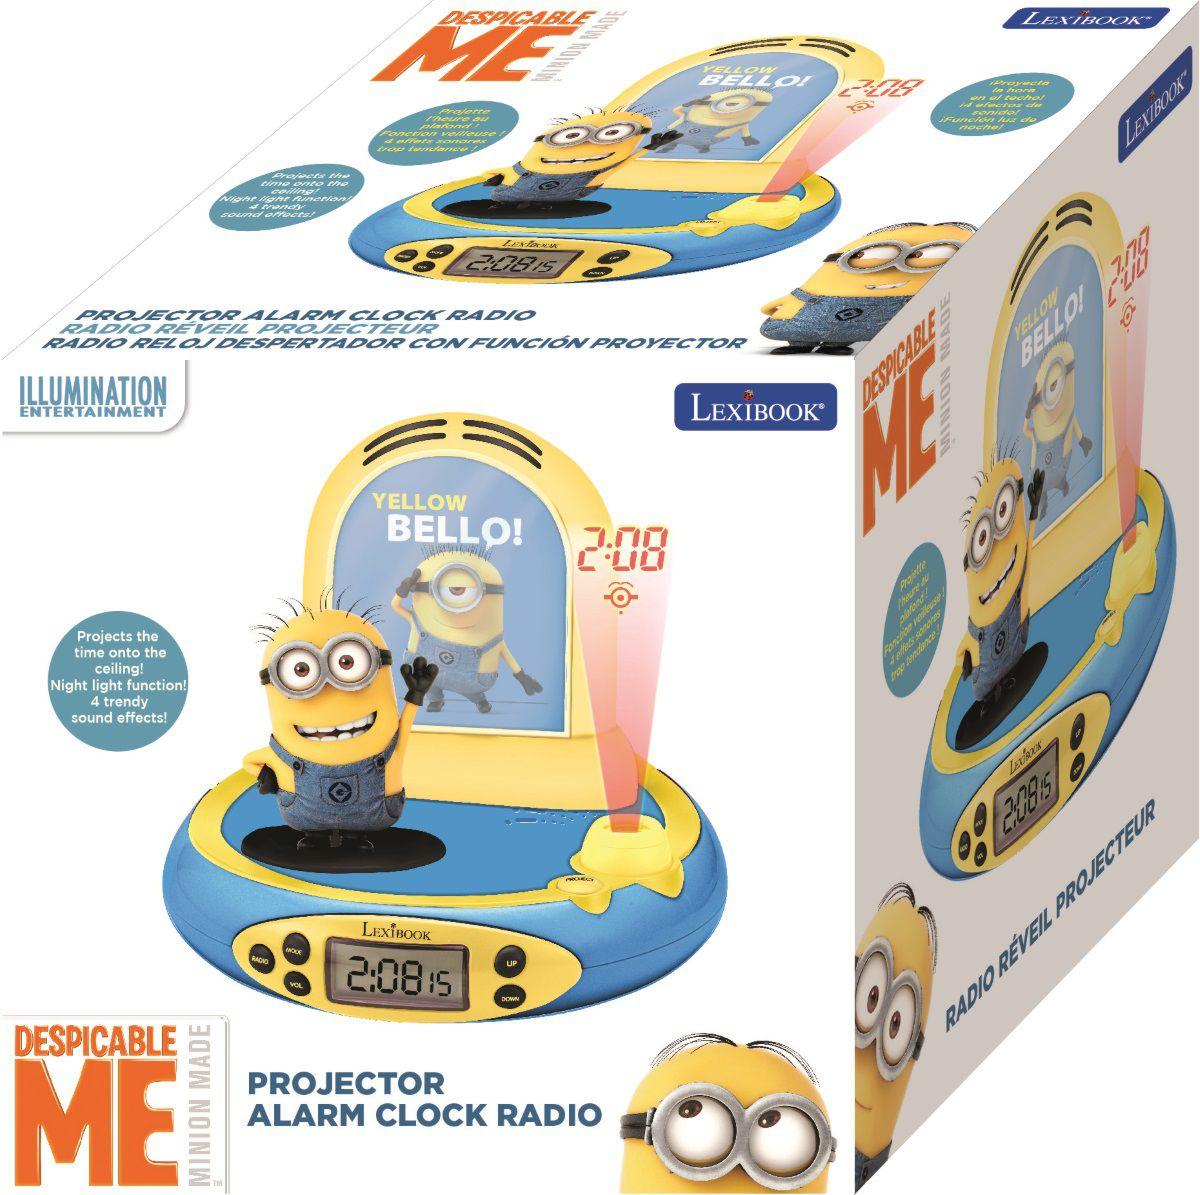 Часы-будильник-проектор Despicable MeСтильные часы-будильник Despicable Me, созданные по мотивам популярного анимационного фильма «Гадкий я», проецируют время и картинку с героями на потолок. Цифровой ЖК дисплей.<br>